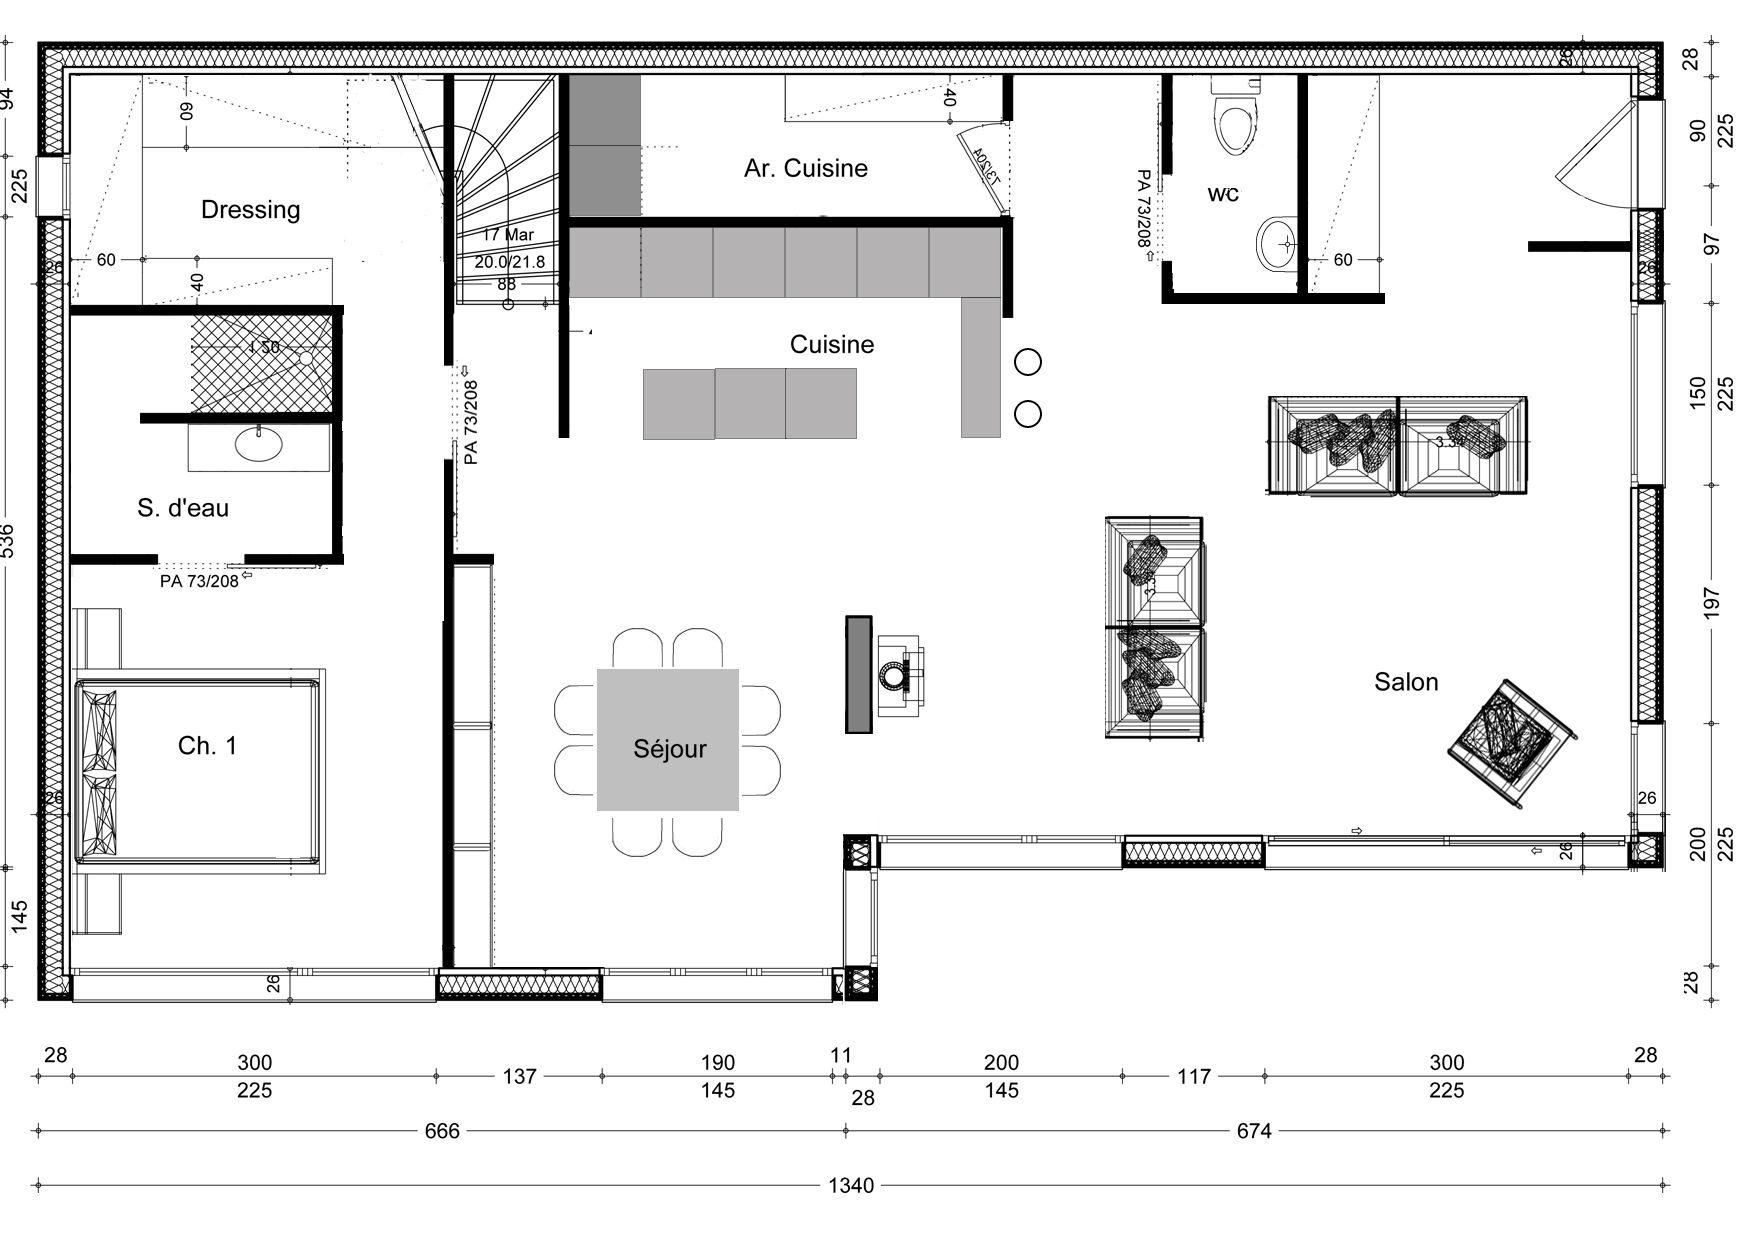 Plan Maison Inversee Maison Contemporaine Plan De Maison Gratuit Plan Maison Faire Plan Maison